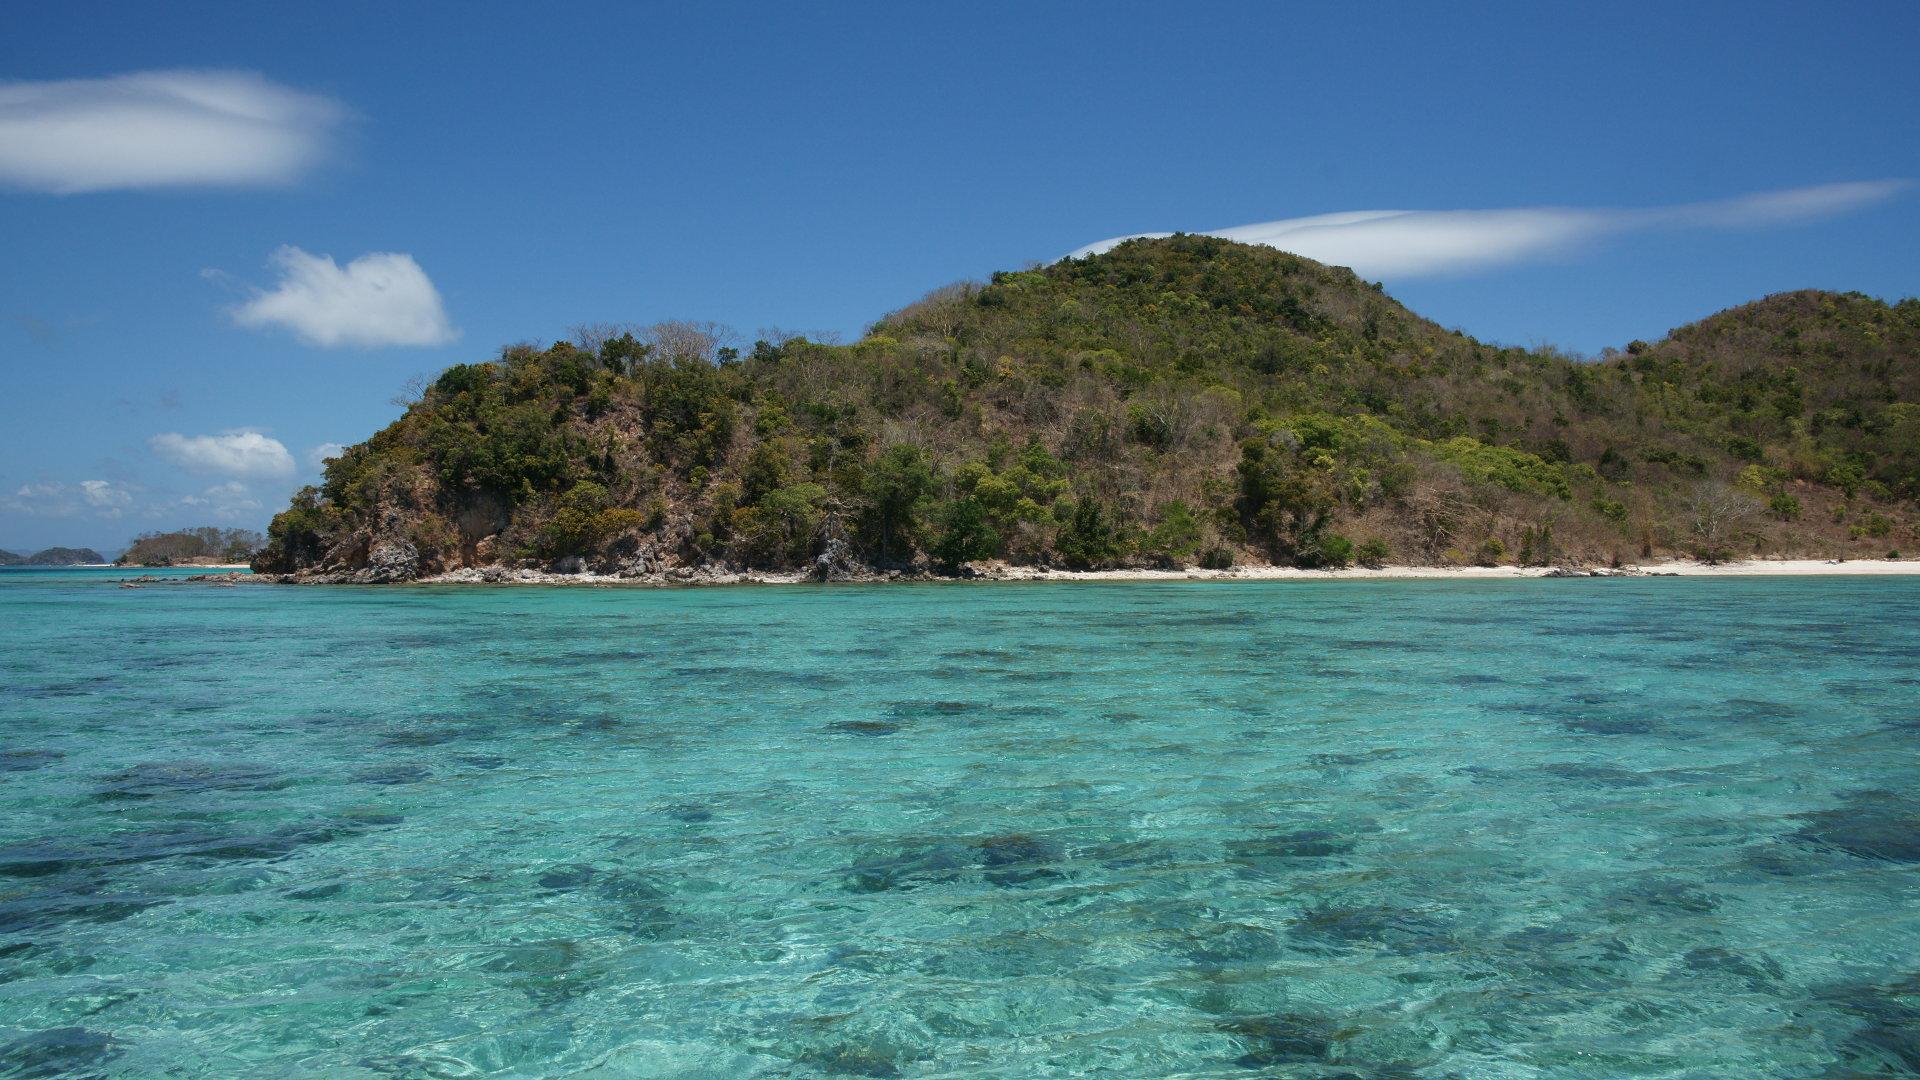 Blue Ocean 1080p Image